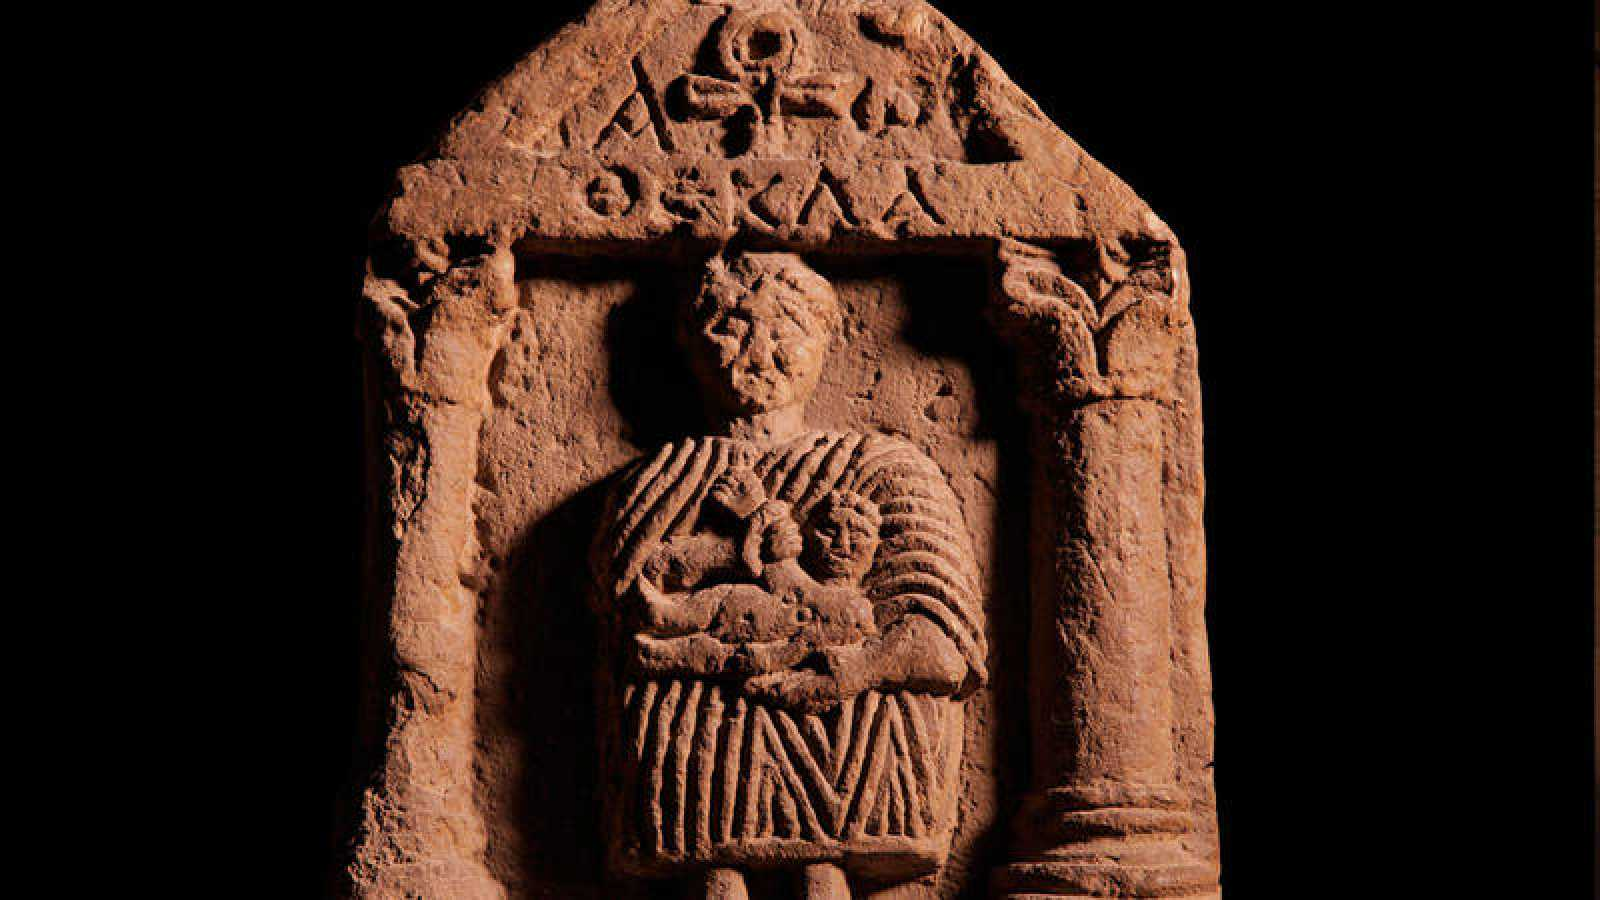 Piezas como esta de la Virgen con el Niño atestiguan la existencia de cristianos en el antiguo Egipto